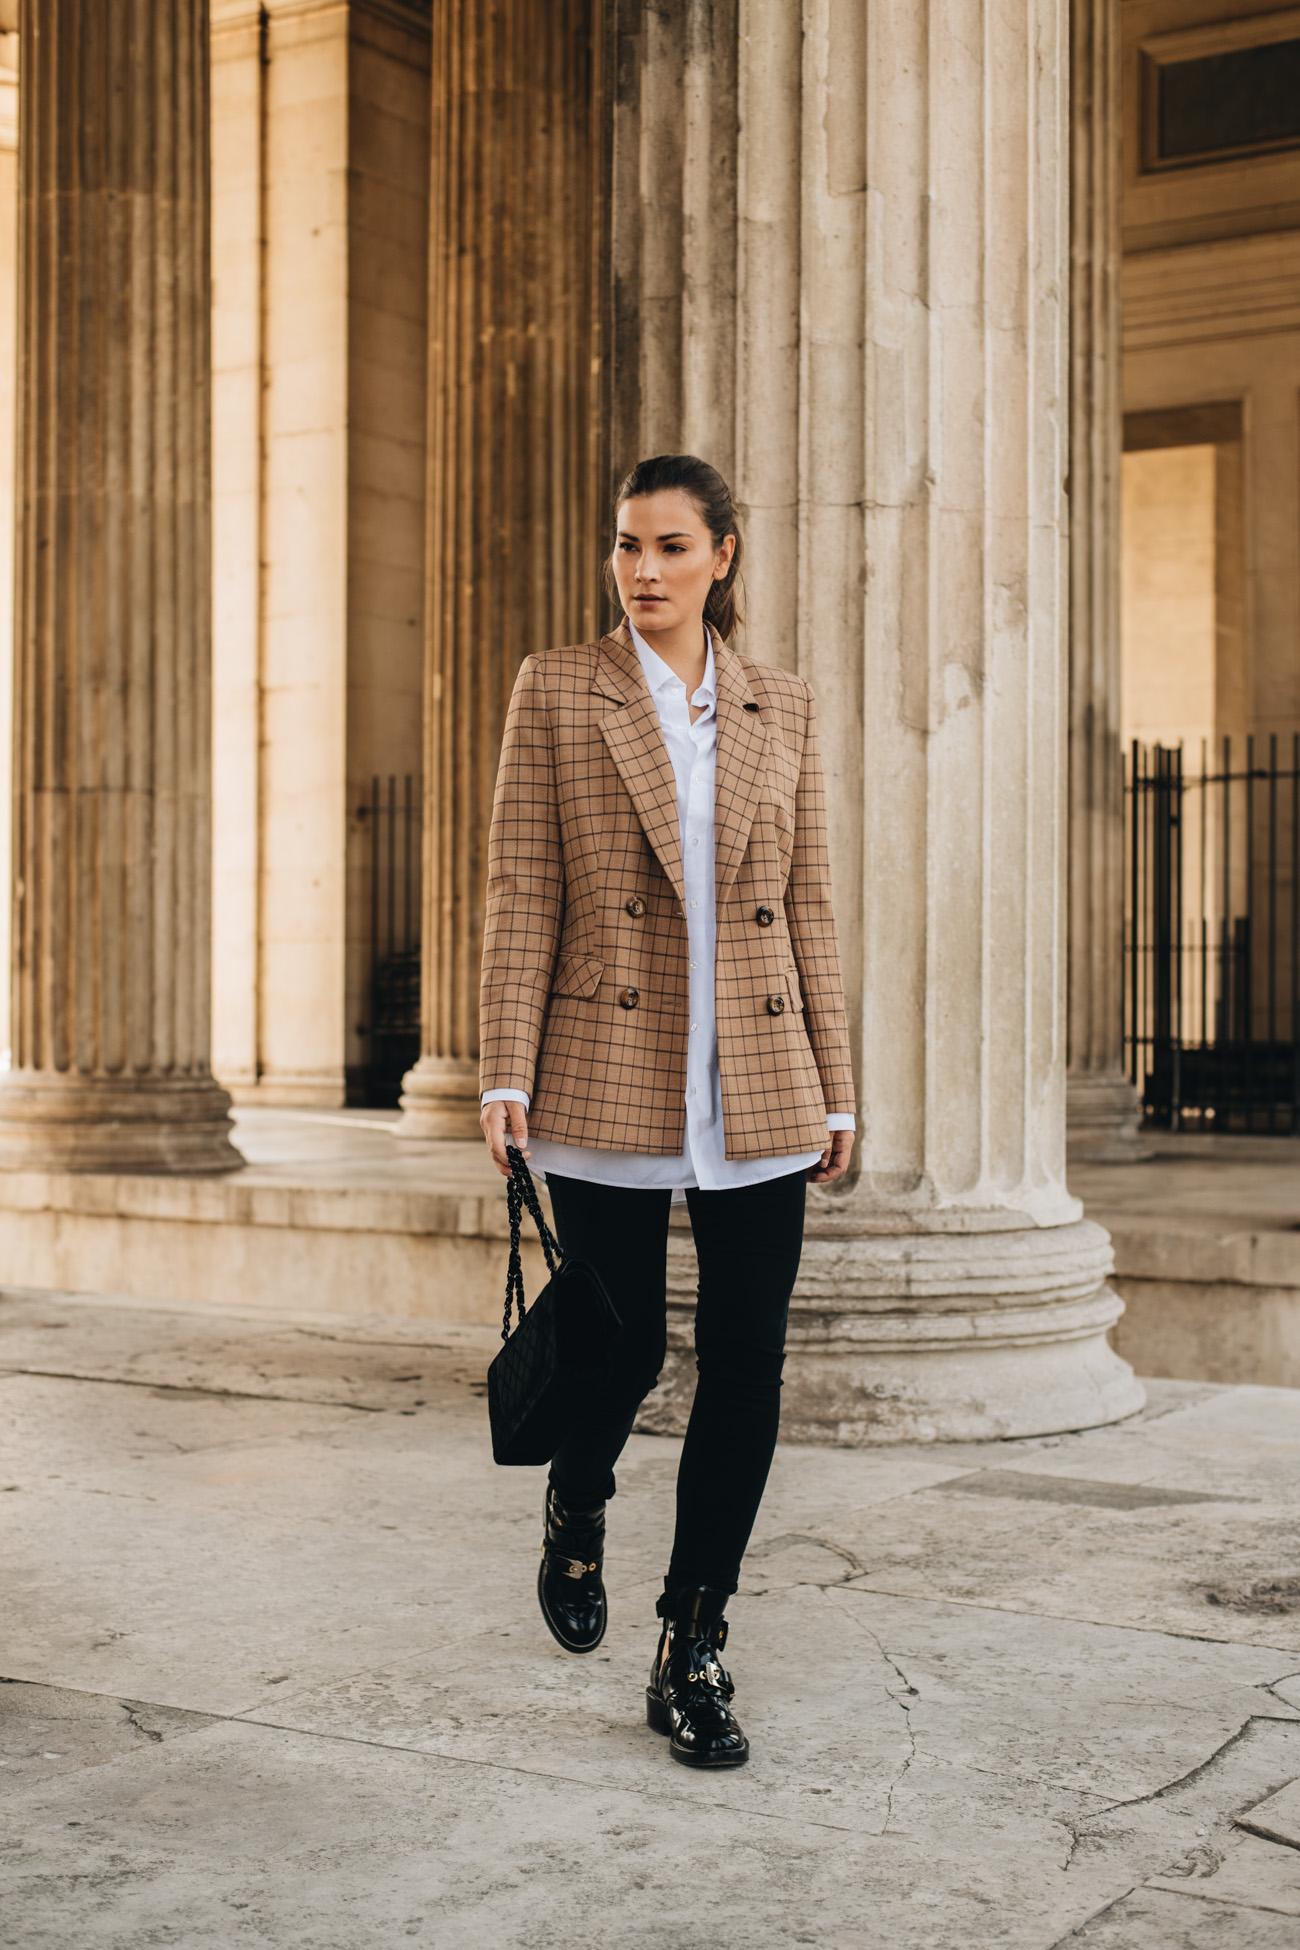 Die 52 besten Bilder von Looks in 2019 | Outfit ideen, Mode